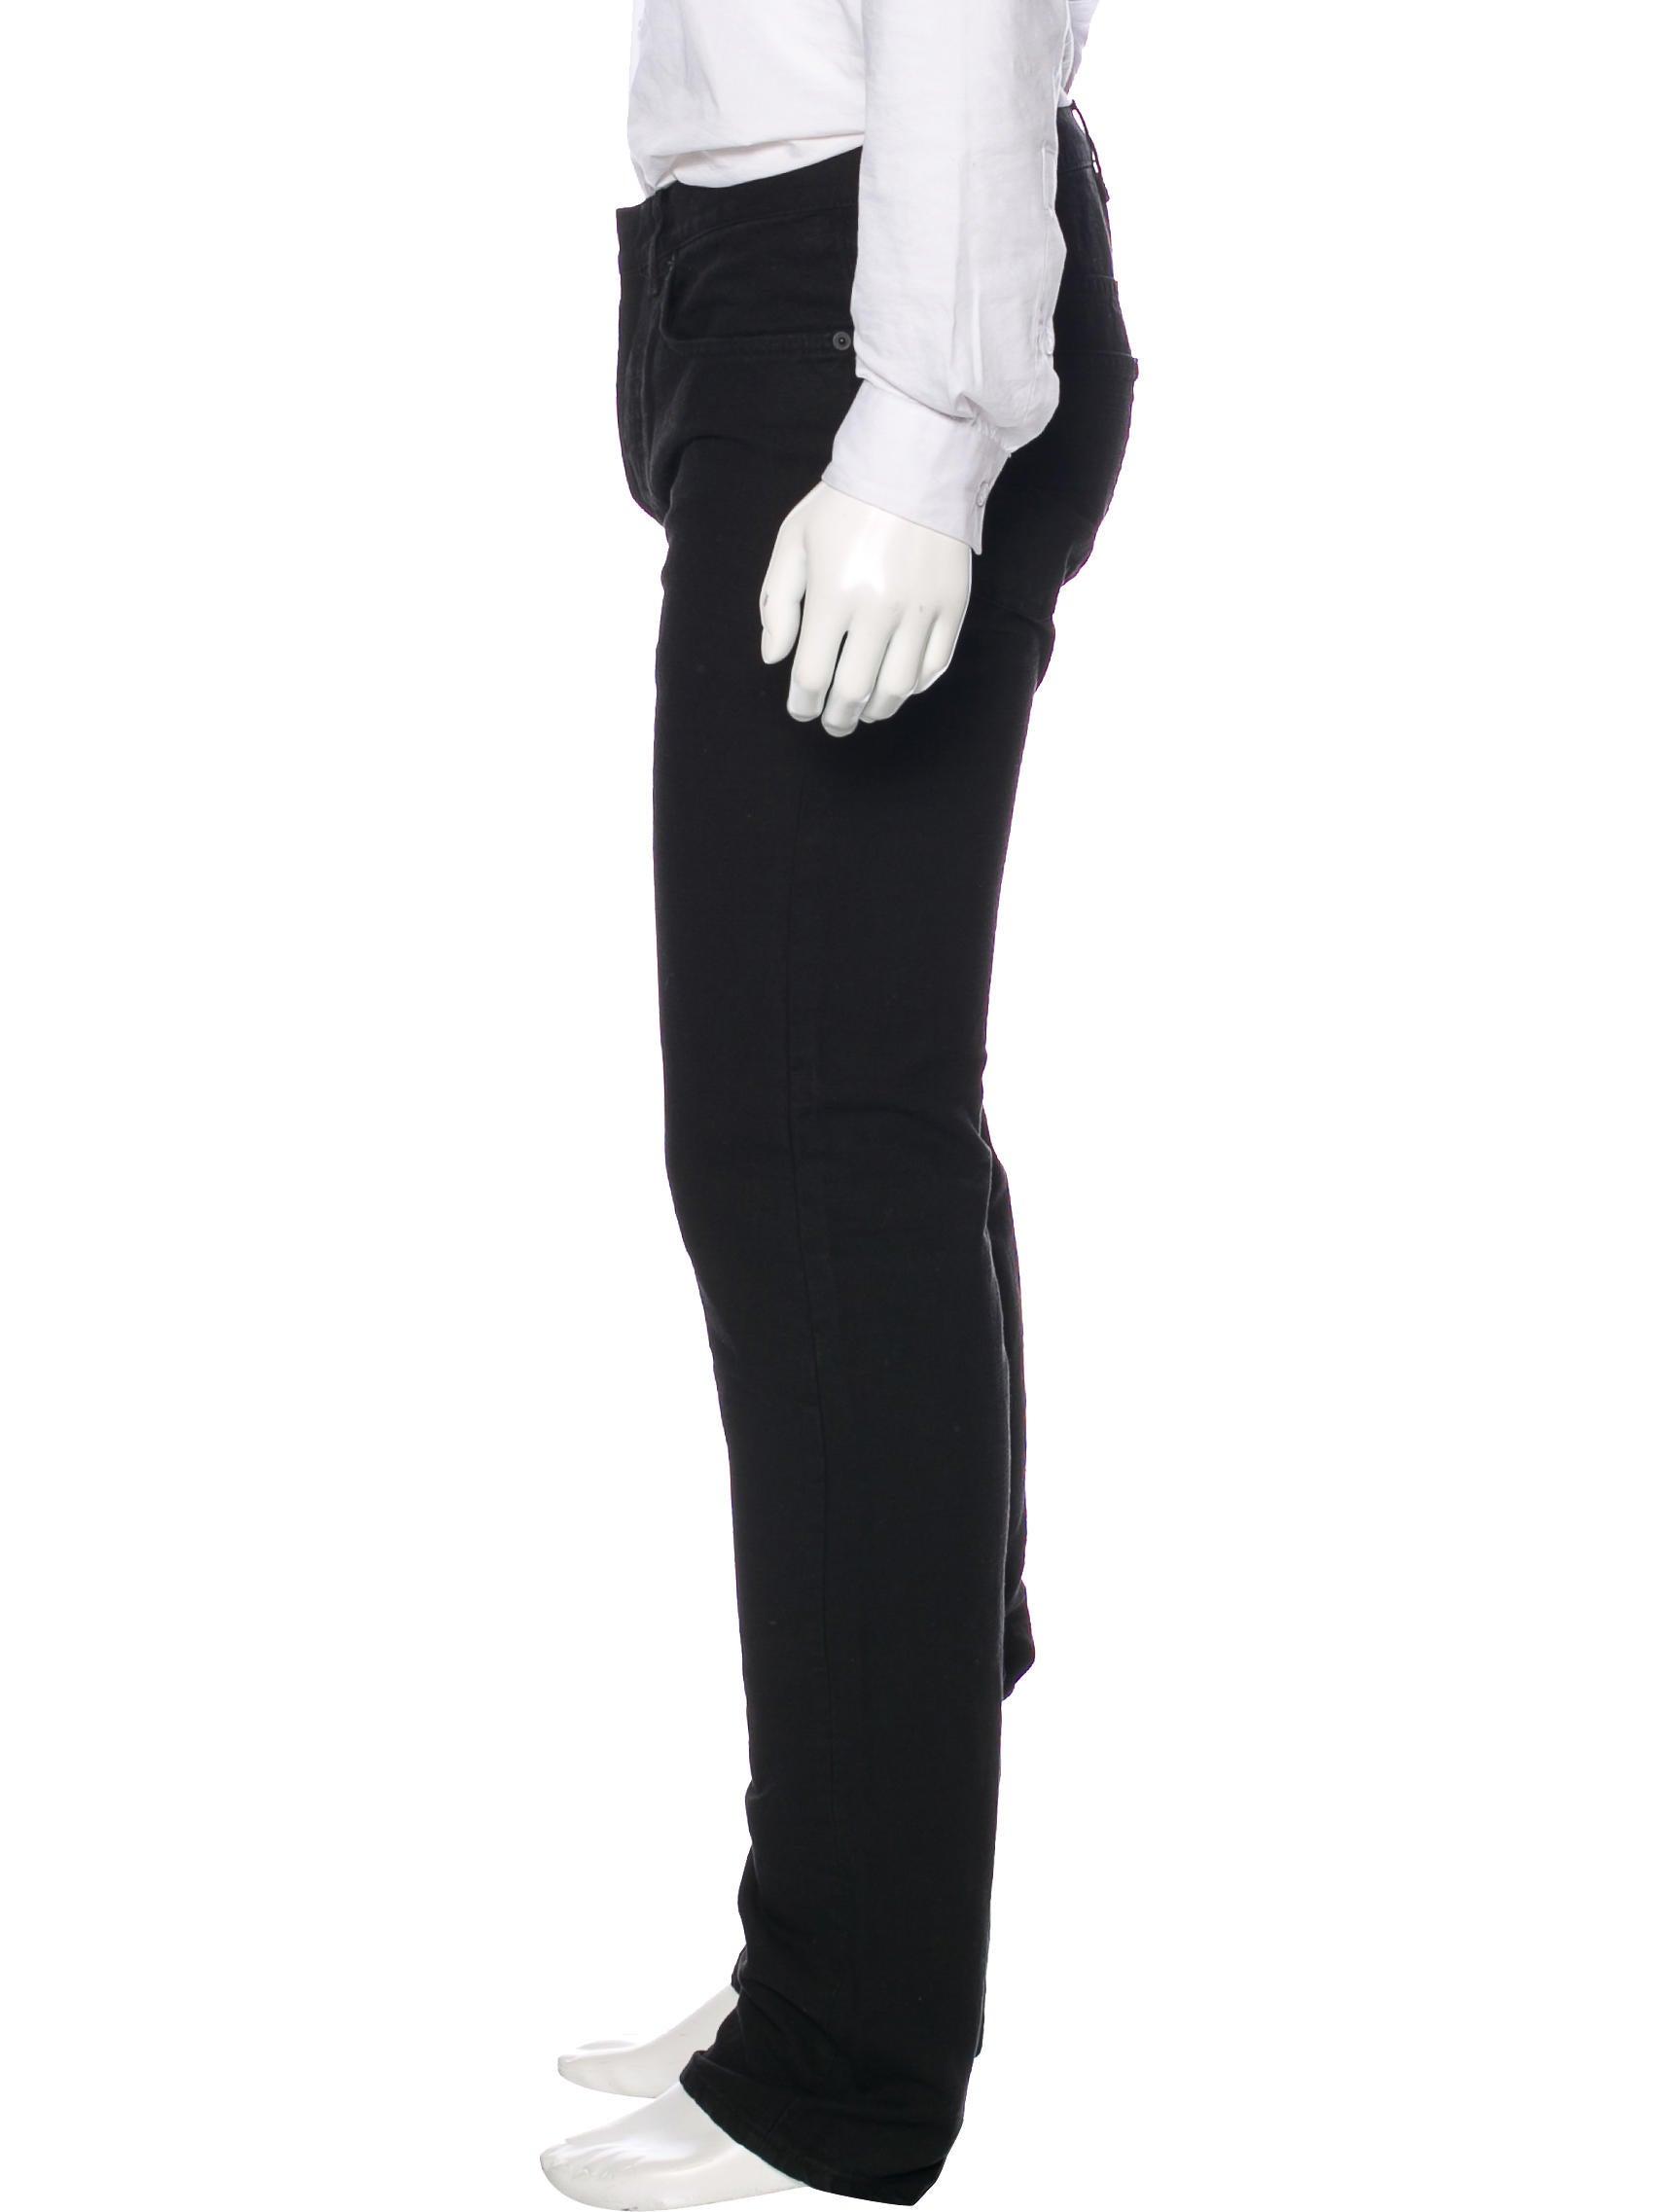 dior homme five pocket slim jeans clothing hmm23361 the realreal. Black Bedroom Furniture Sets. Home Design Ideas